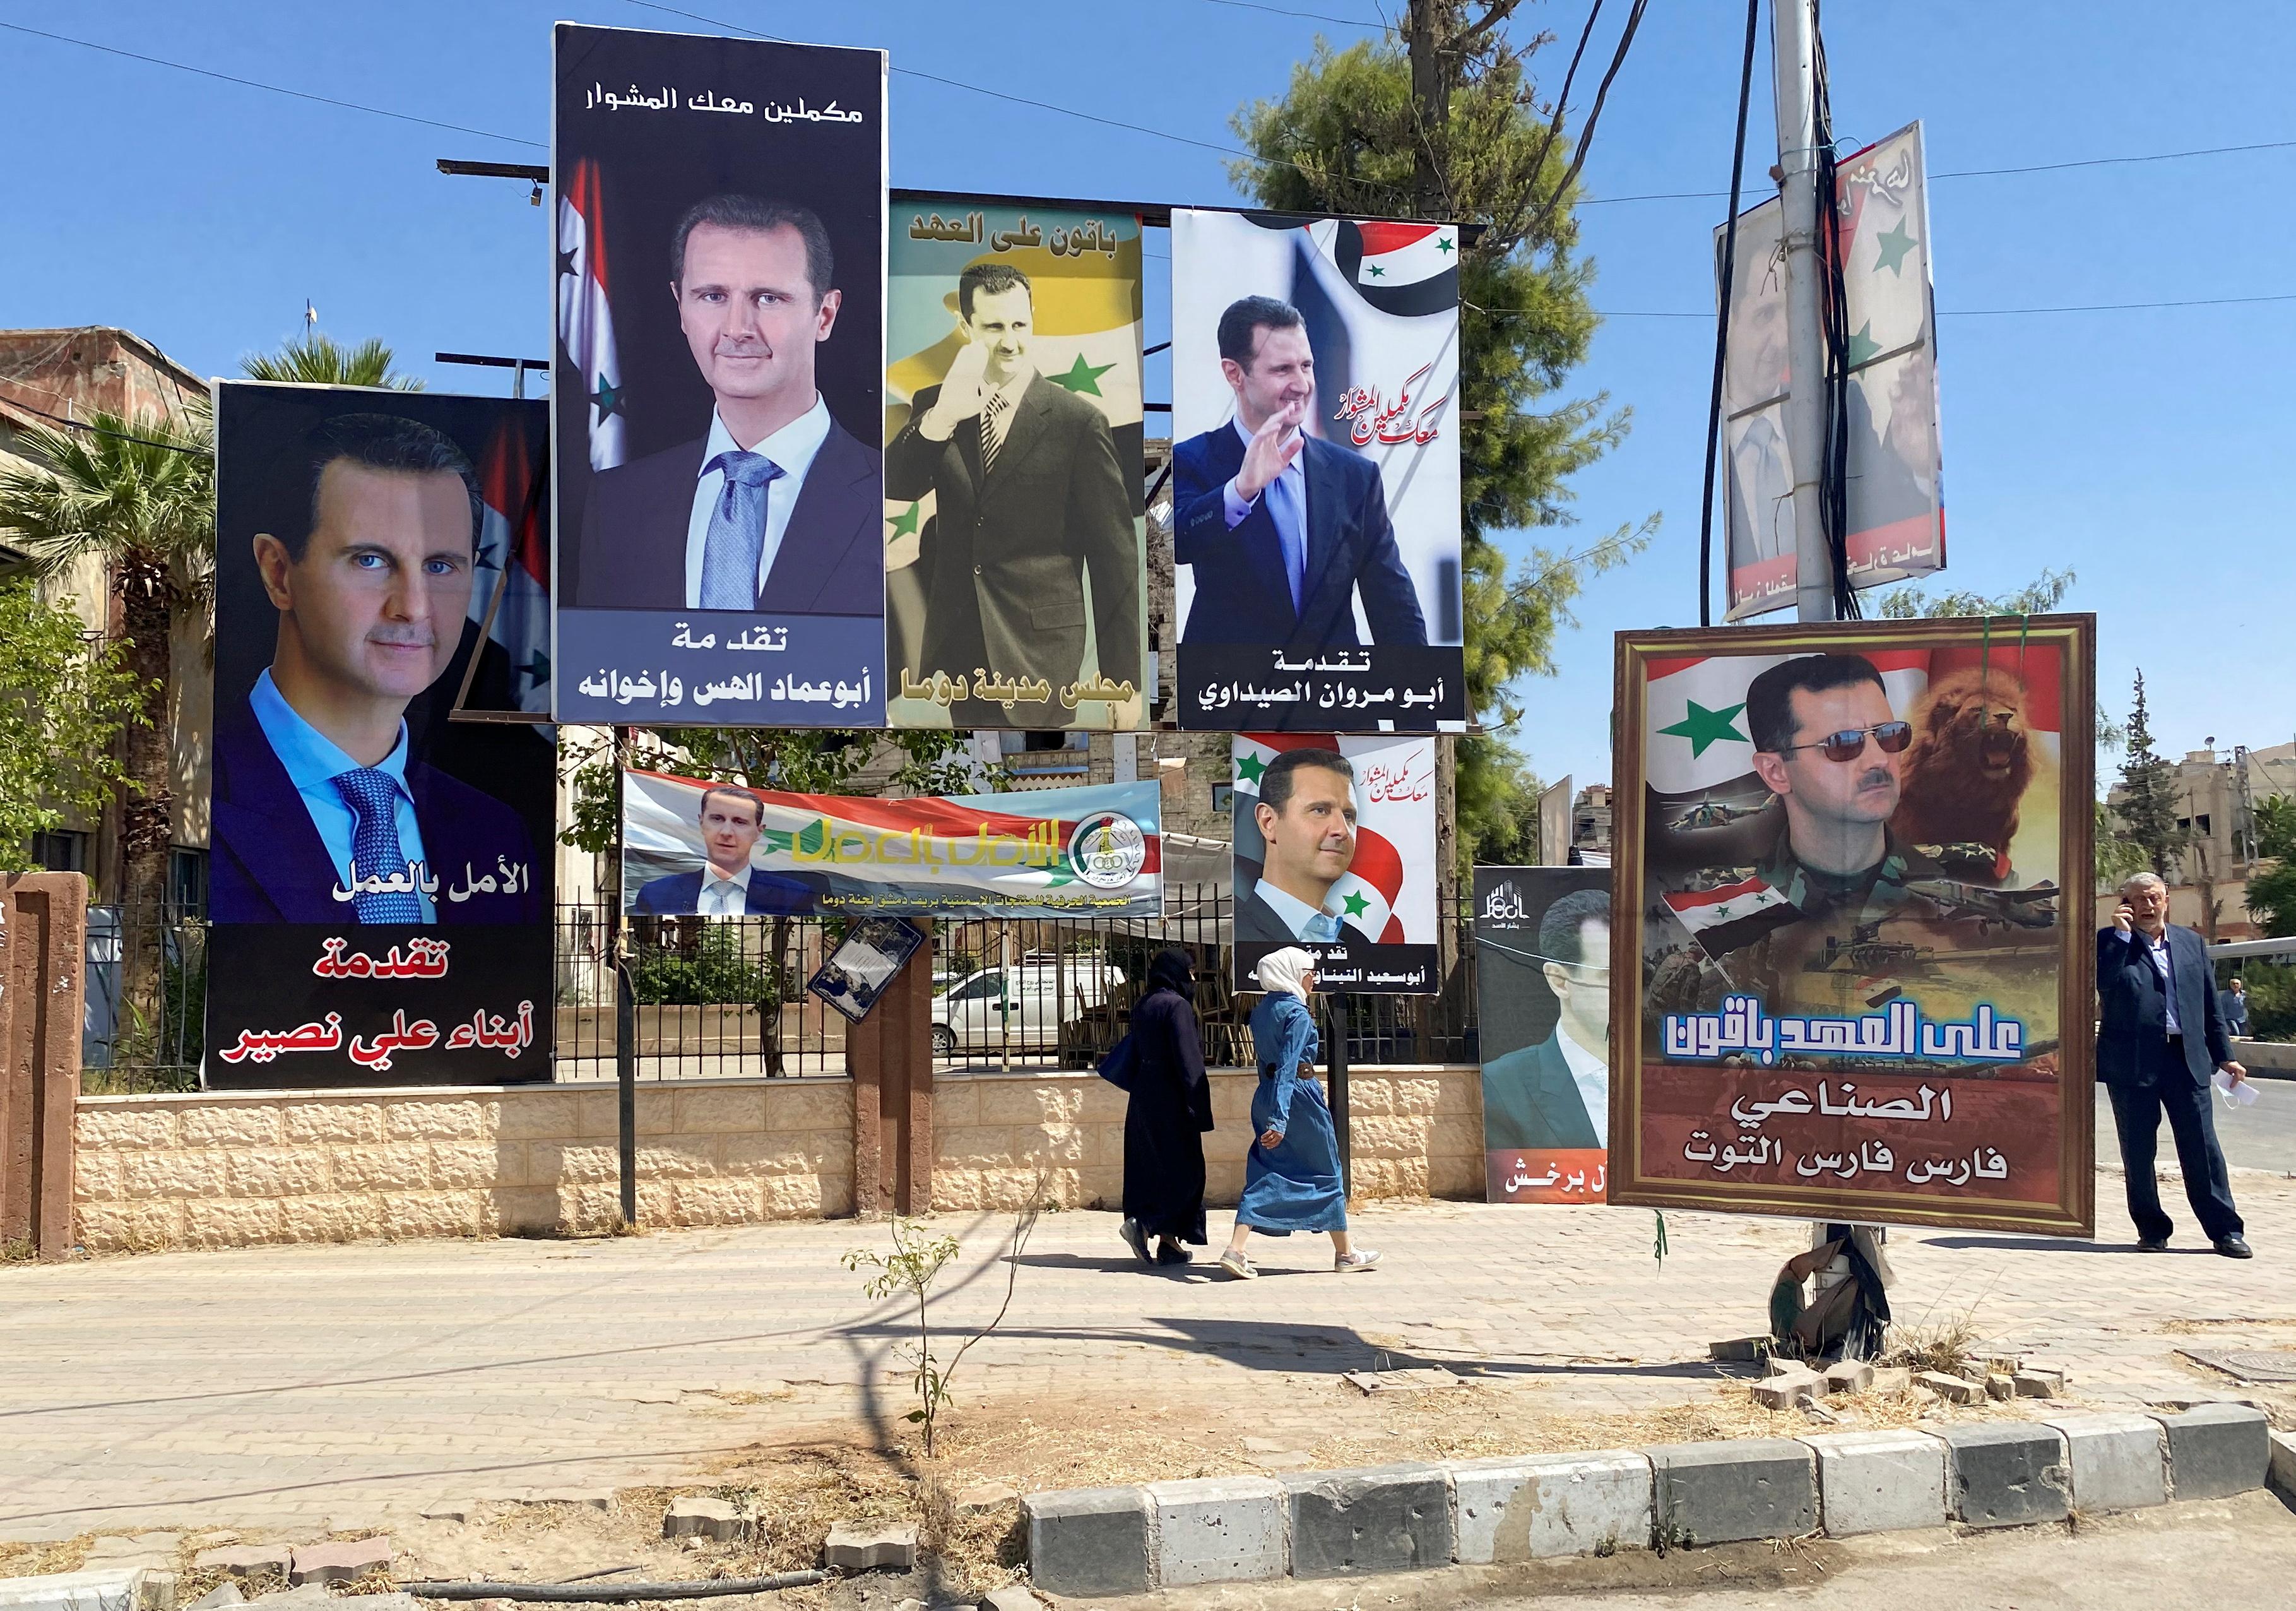 Poster di Bashar al-Assad tappezzano le strade durante le elezioni in Siria. Douma, 26 maggio 2021. Credits to: REUTERS/Firas Makdesi.